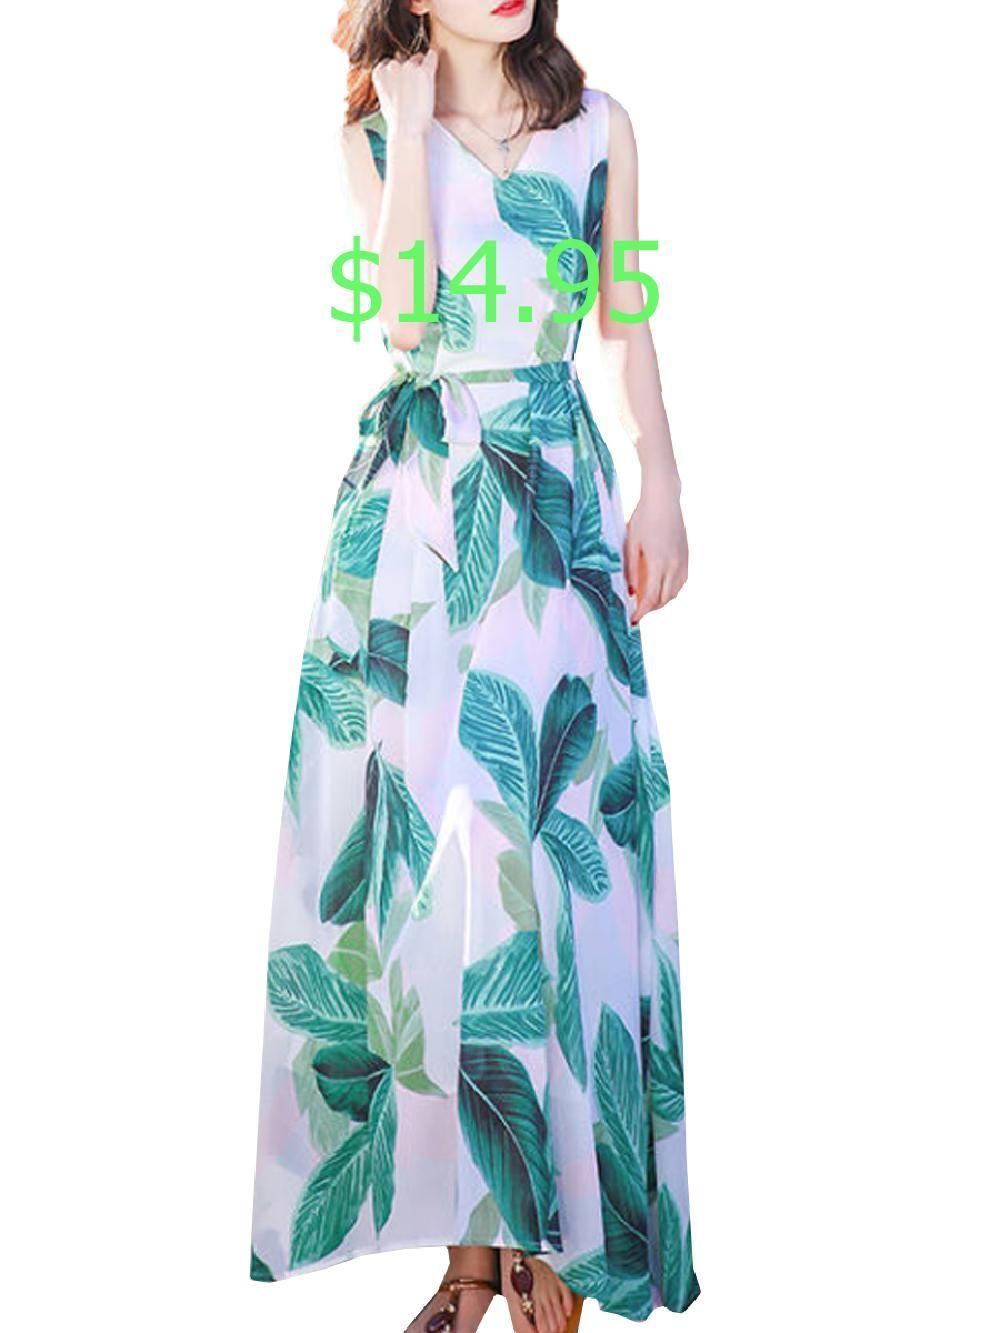 V Neck Printed Maxi Dress Maxi Dress Cheap Maxi Dresses Buy Maxi Dress [ 1333 x 1000 Pixel ]